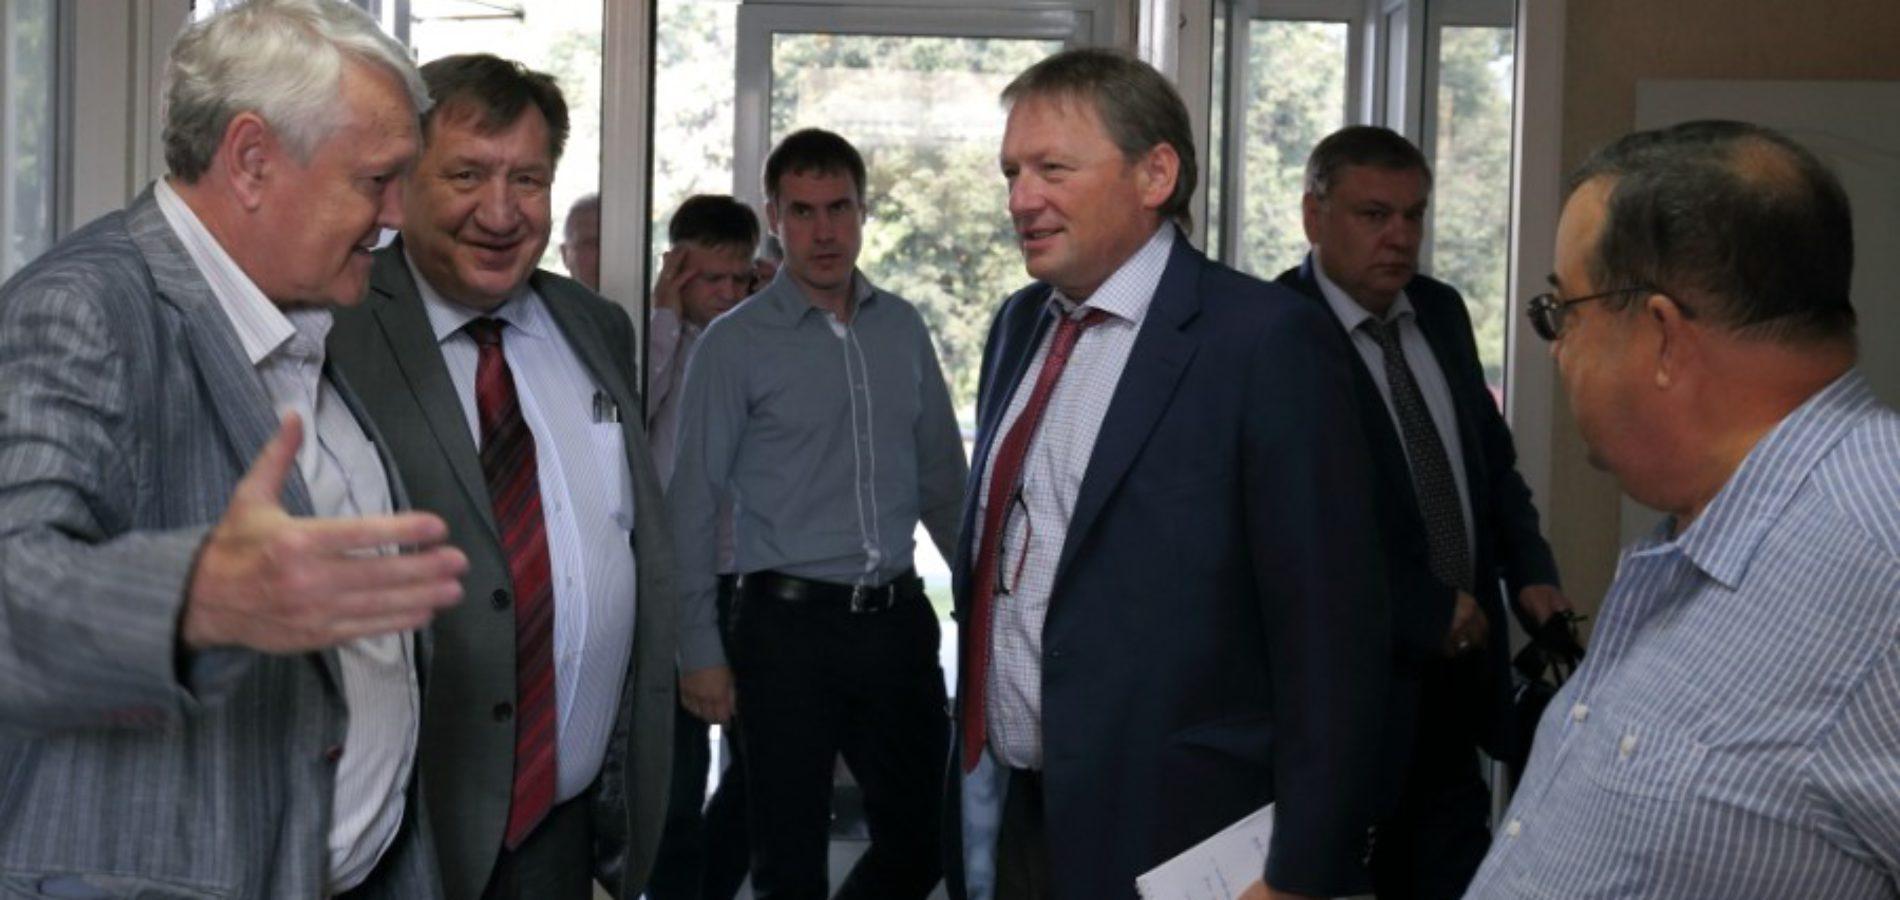 Борис Титов: Весь последний год для бизнеса – как один «черный август»!